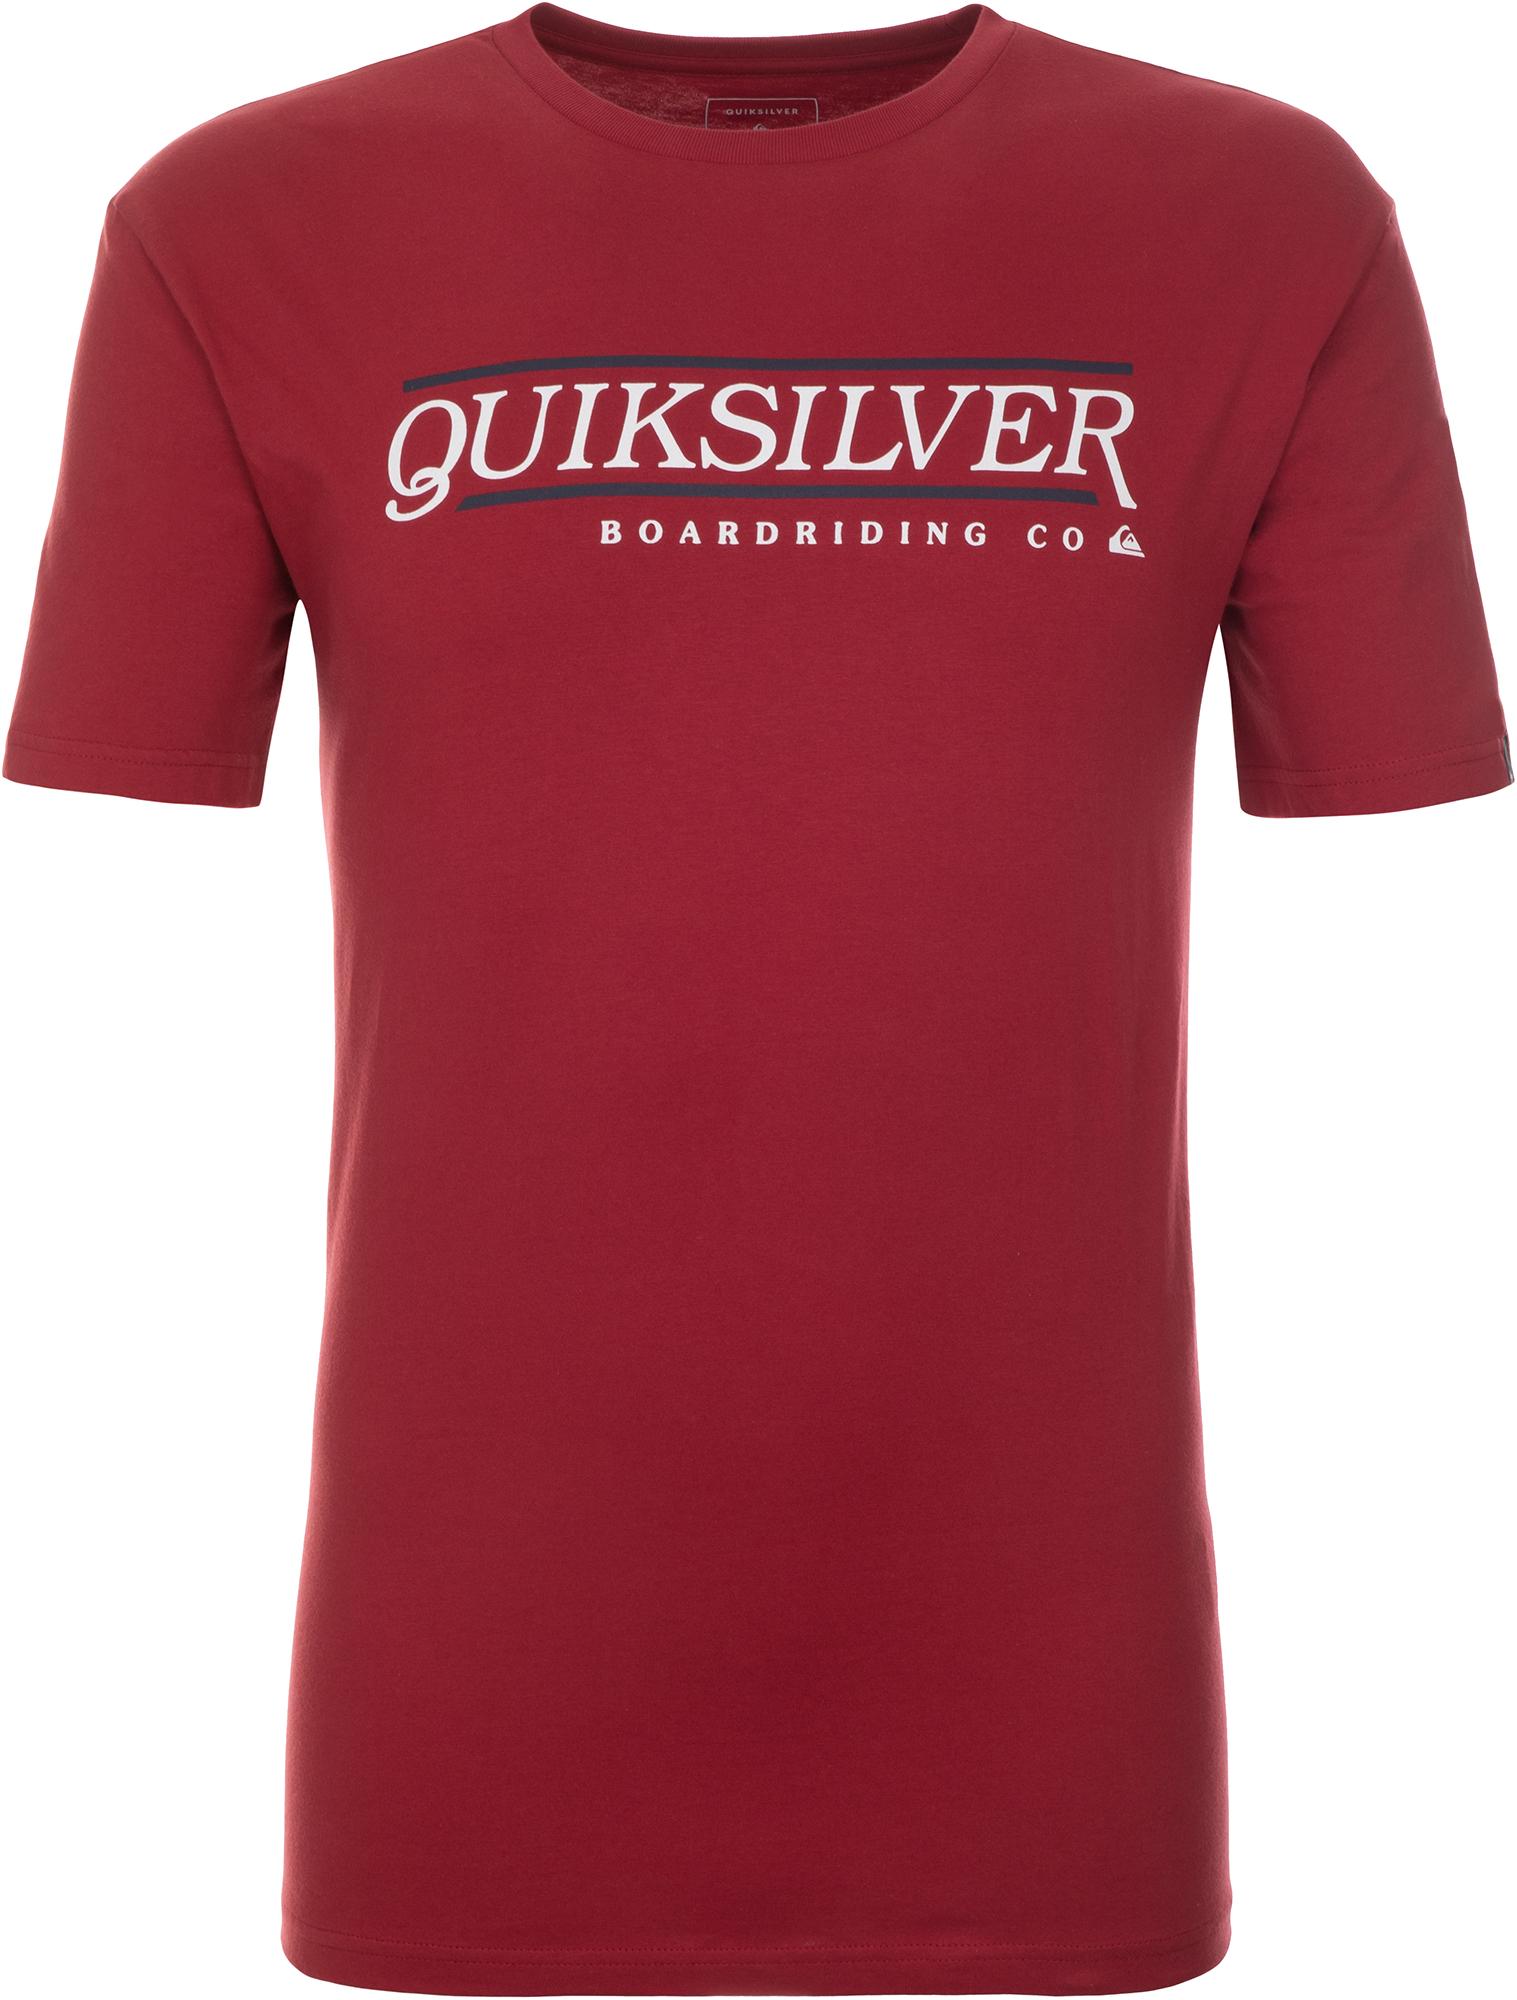 футболка мужская quiksilver цвет серый eqyzt04286 ktah размер l 50 52 Quiksilver Футболка мужская Quiksilver, размер 46-48